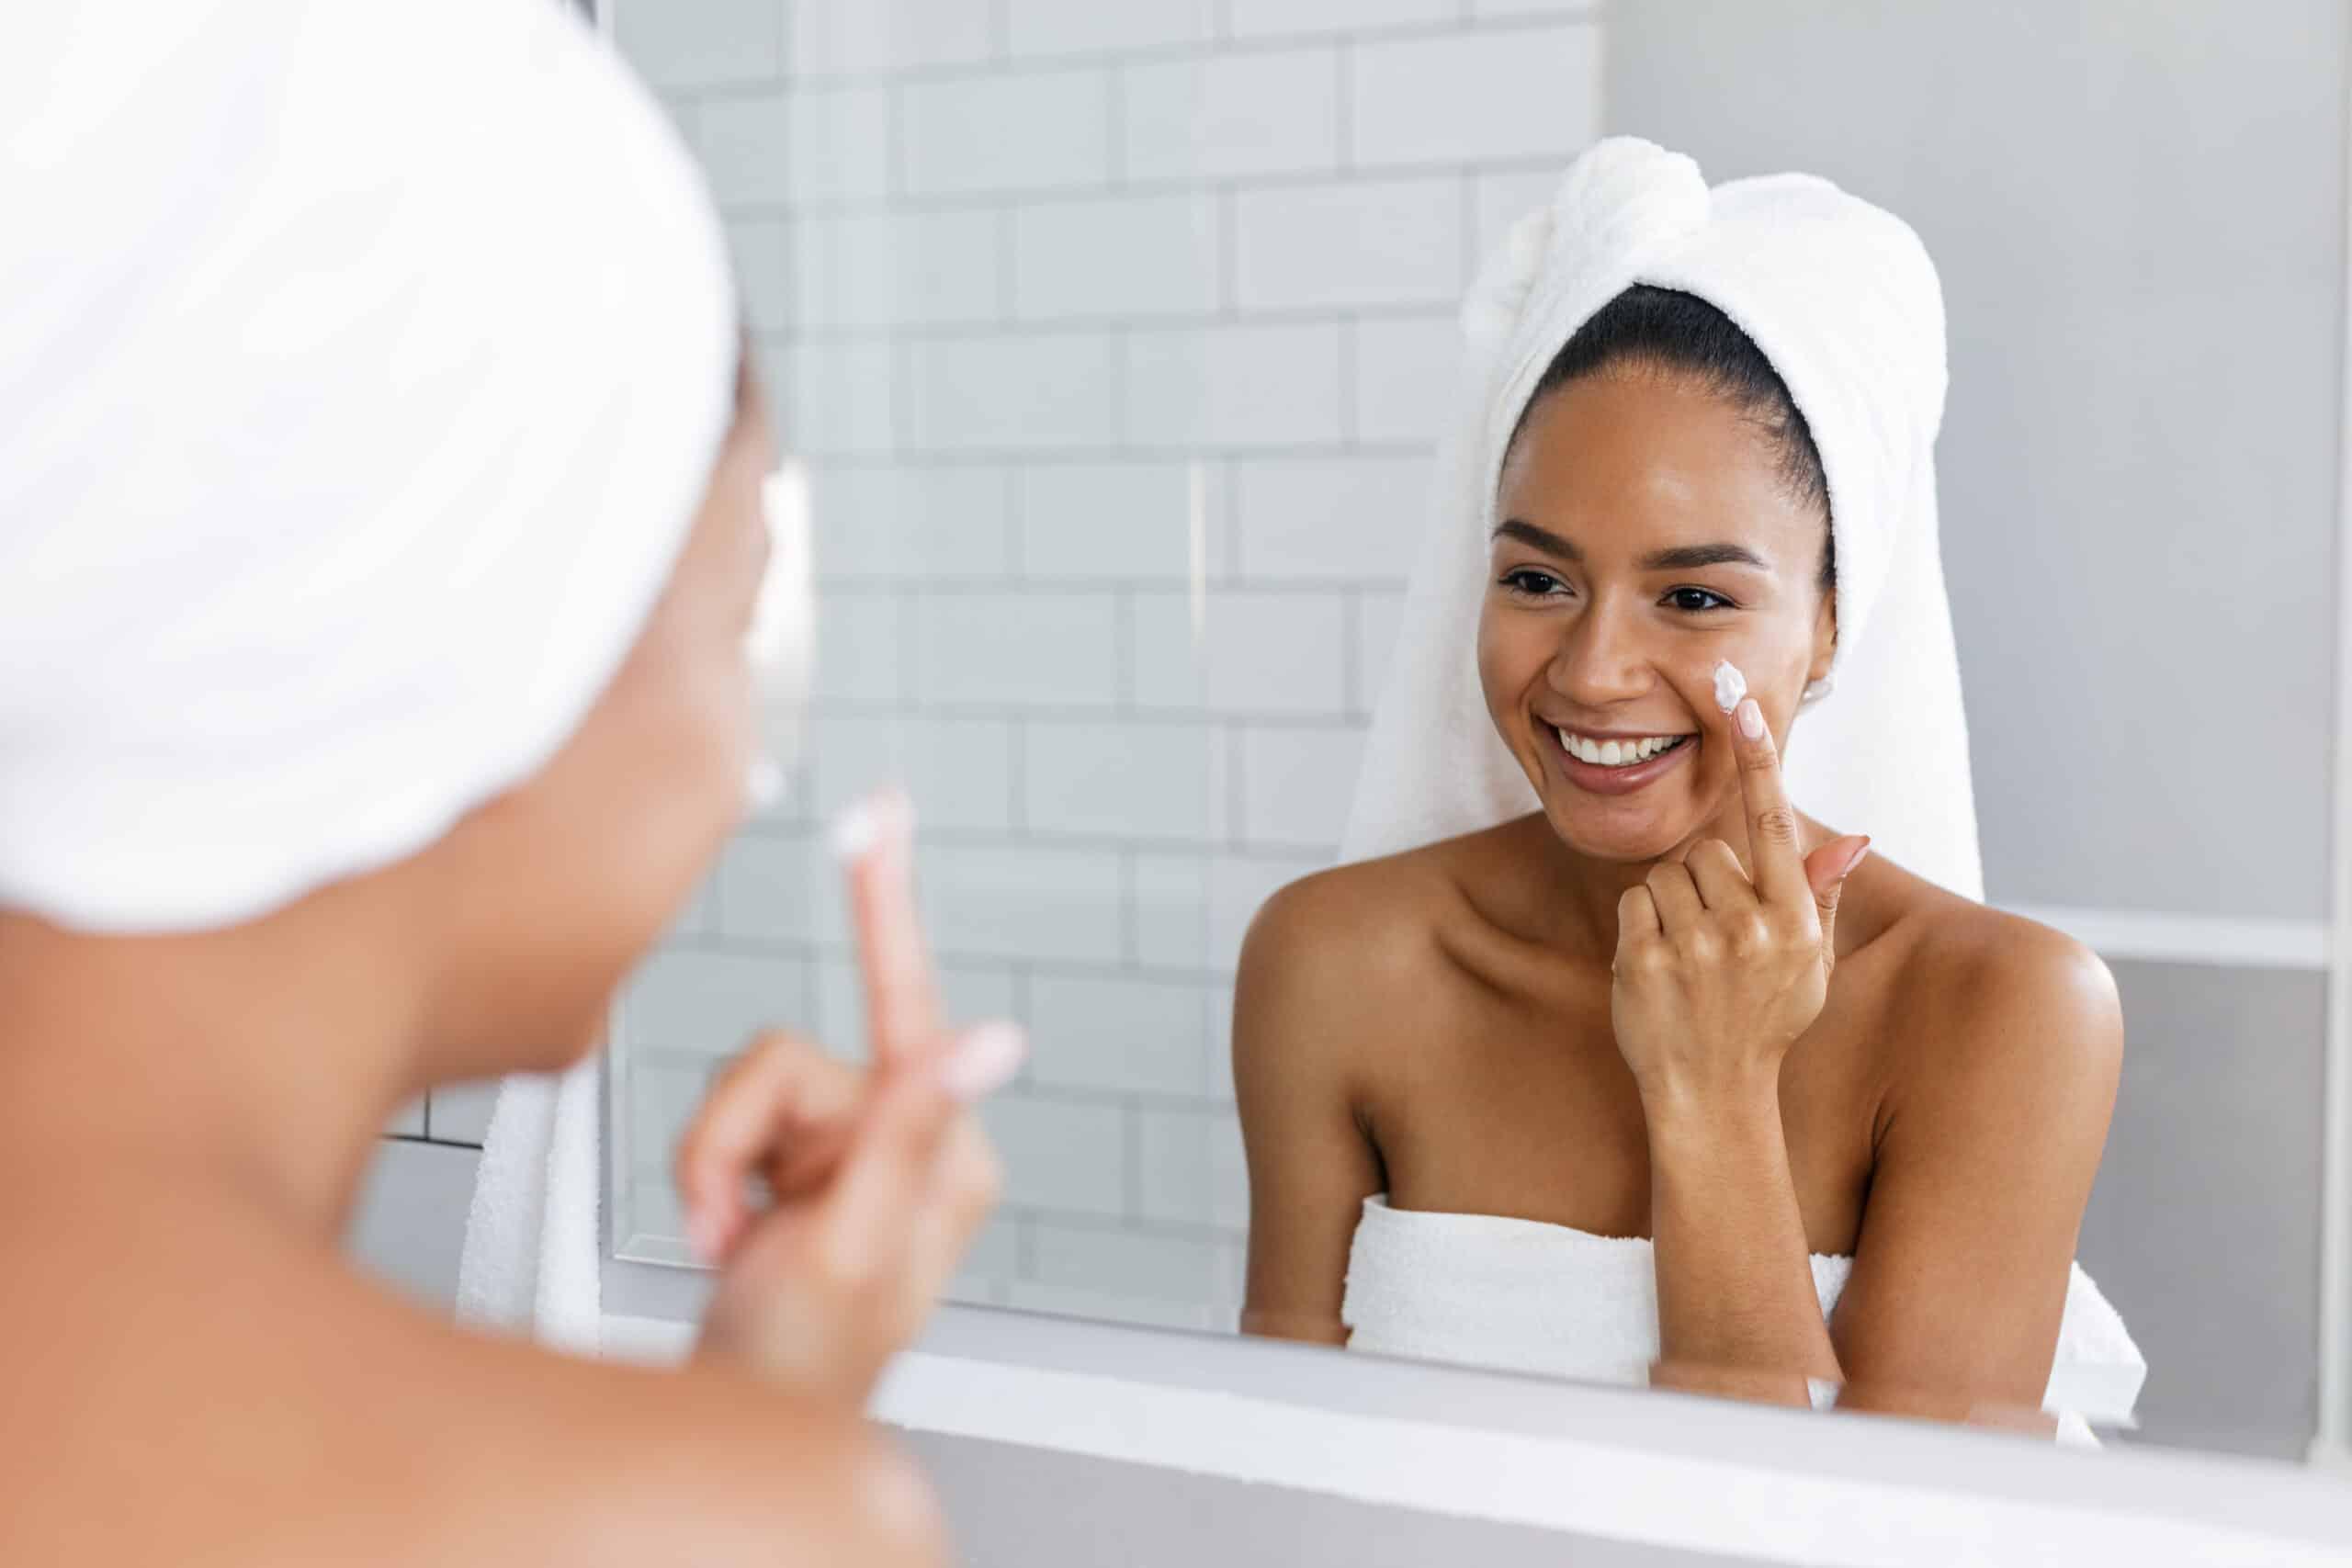 Eksfoliacja z IMAGE Skincare – dlaczego peelingi są niezbędną czynnością w utrzymaniu pięknej skóry.